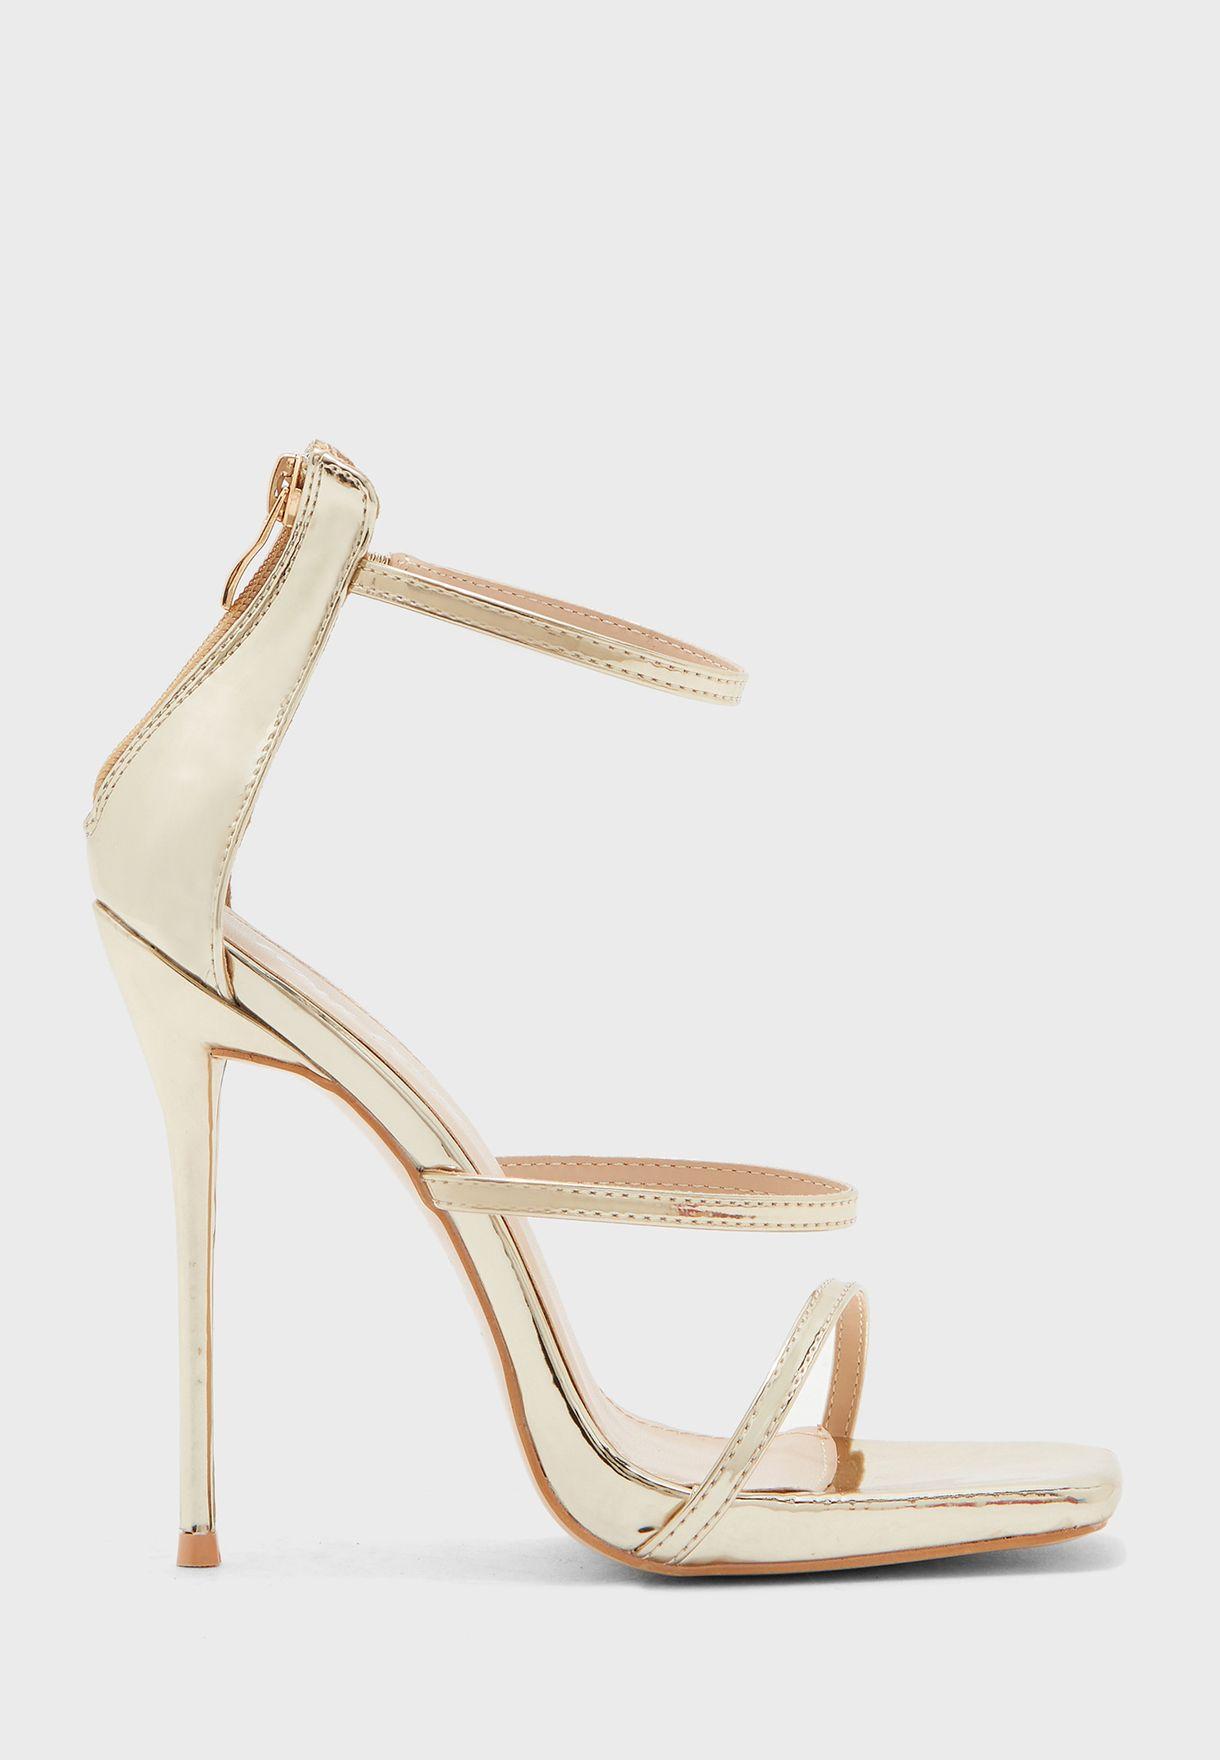 Paris Ankle Strap Sandal - Gold